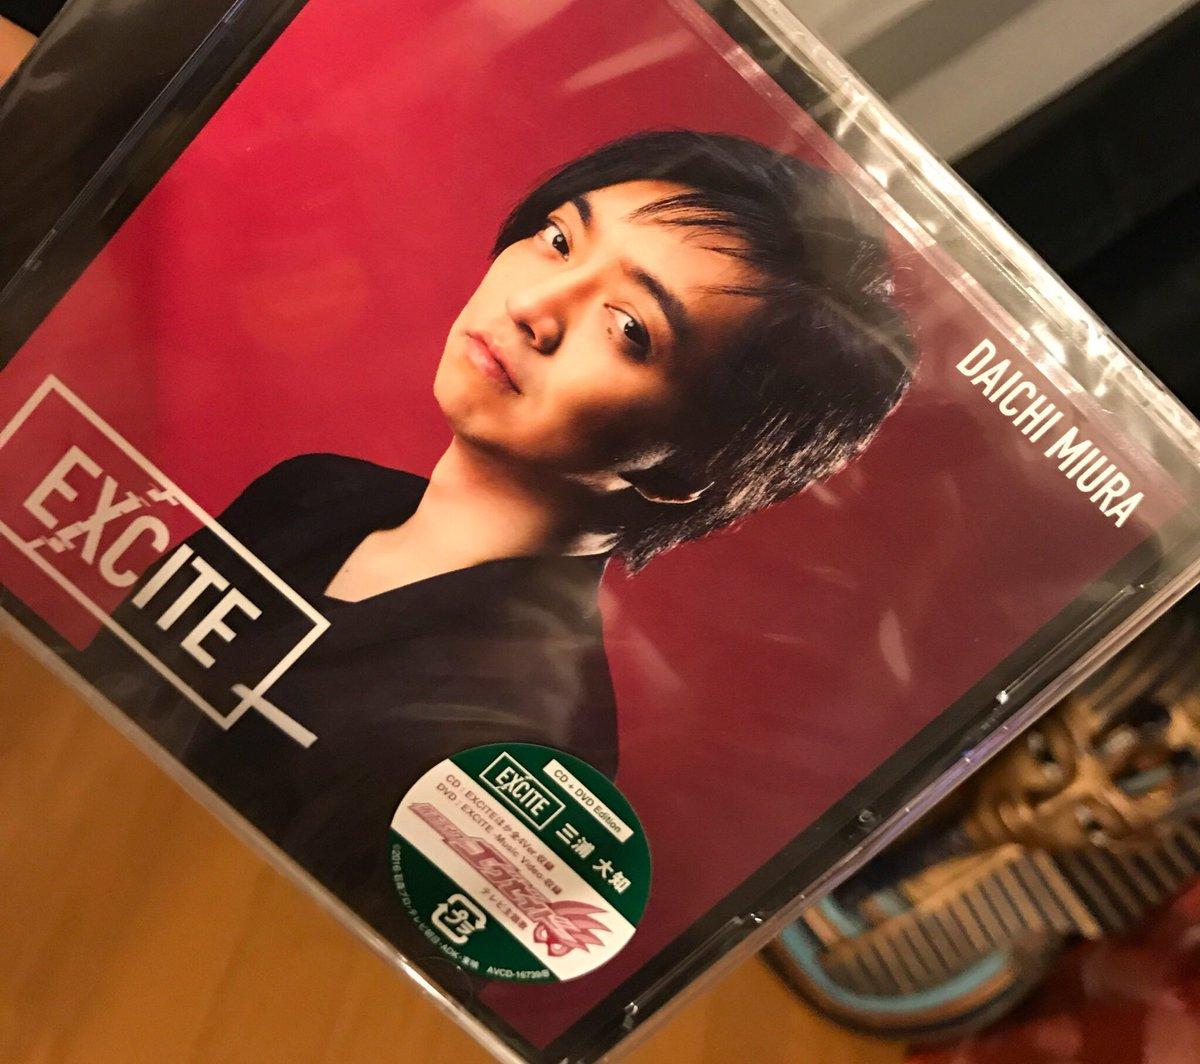 ただいま関ジャムに出演中 #三浦大知 くんの今月18日に発売した「EXCITE」だよ♪ 彼は本物! #関ジャム https://t.co/m...